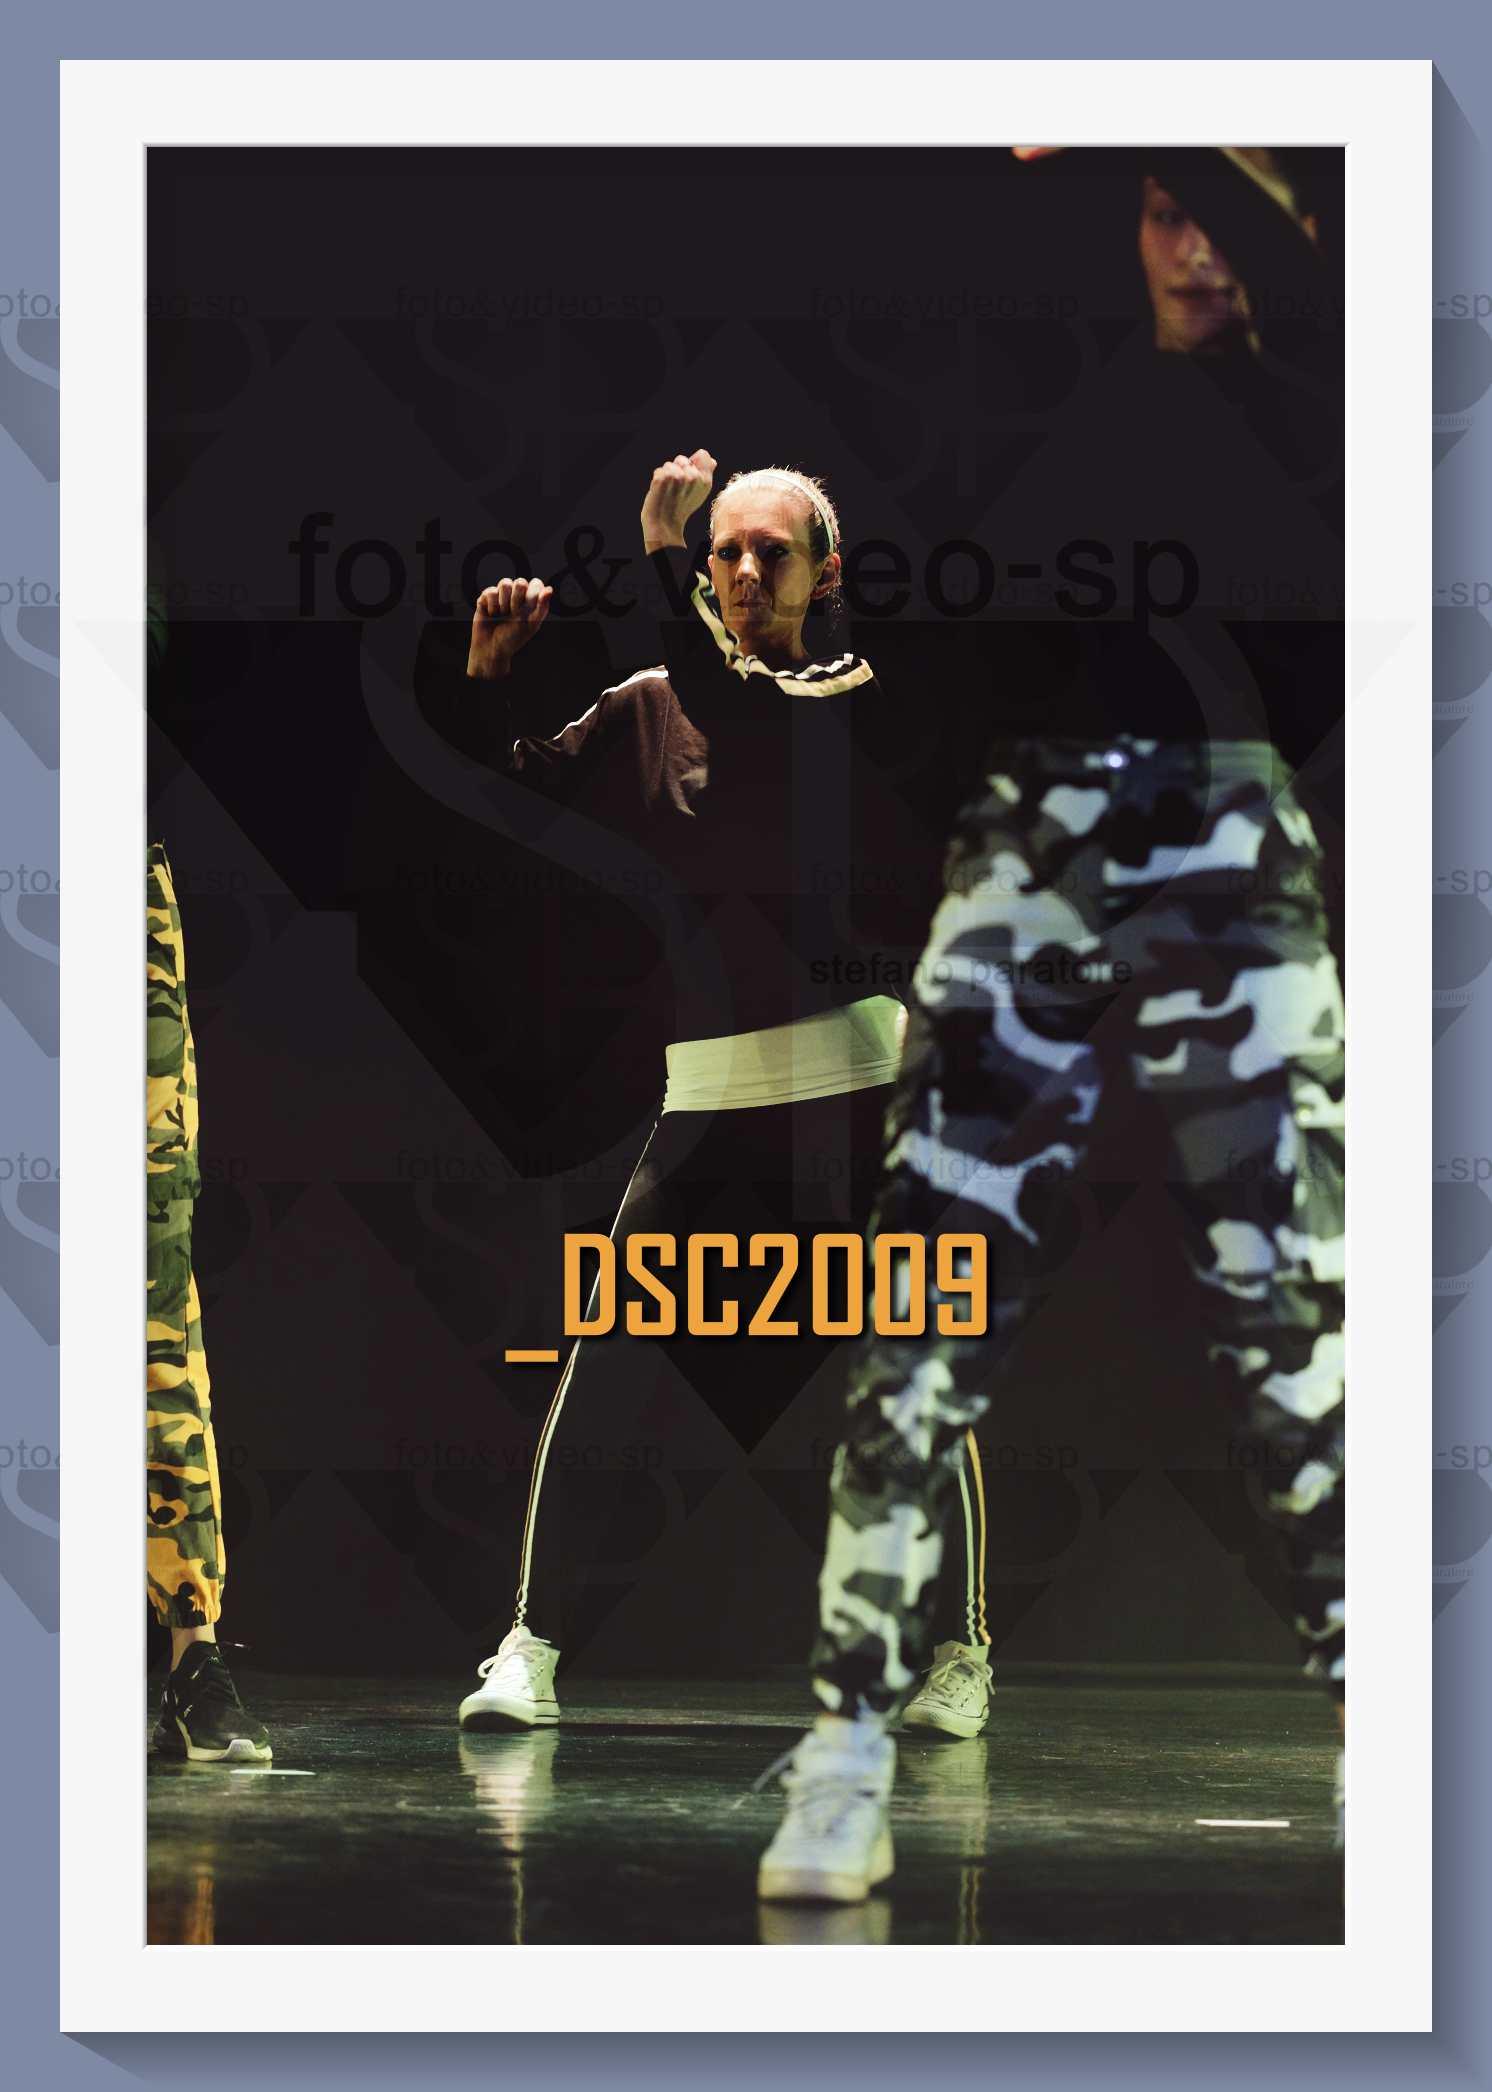 DSC2009